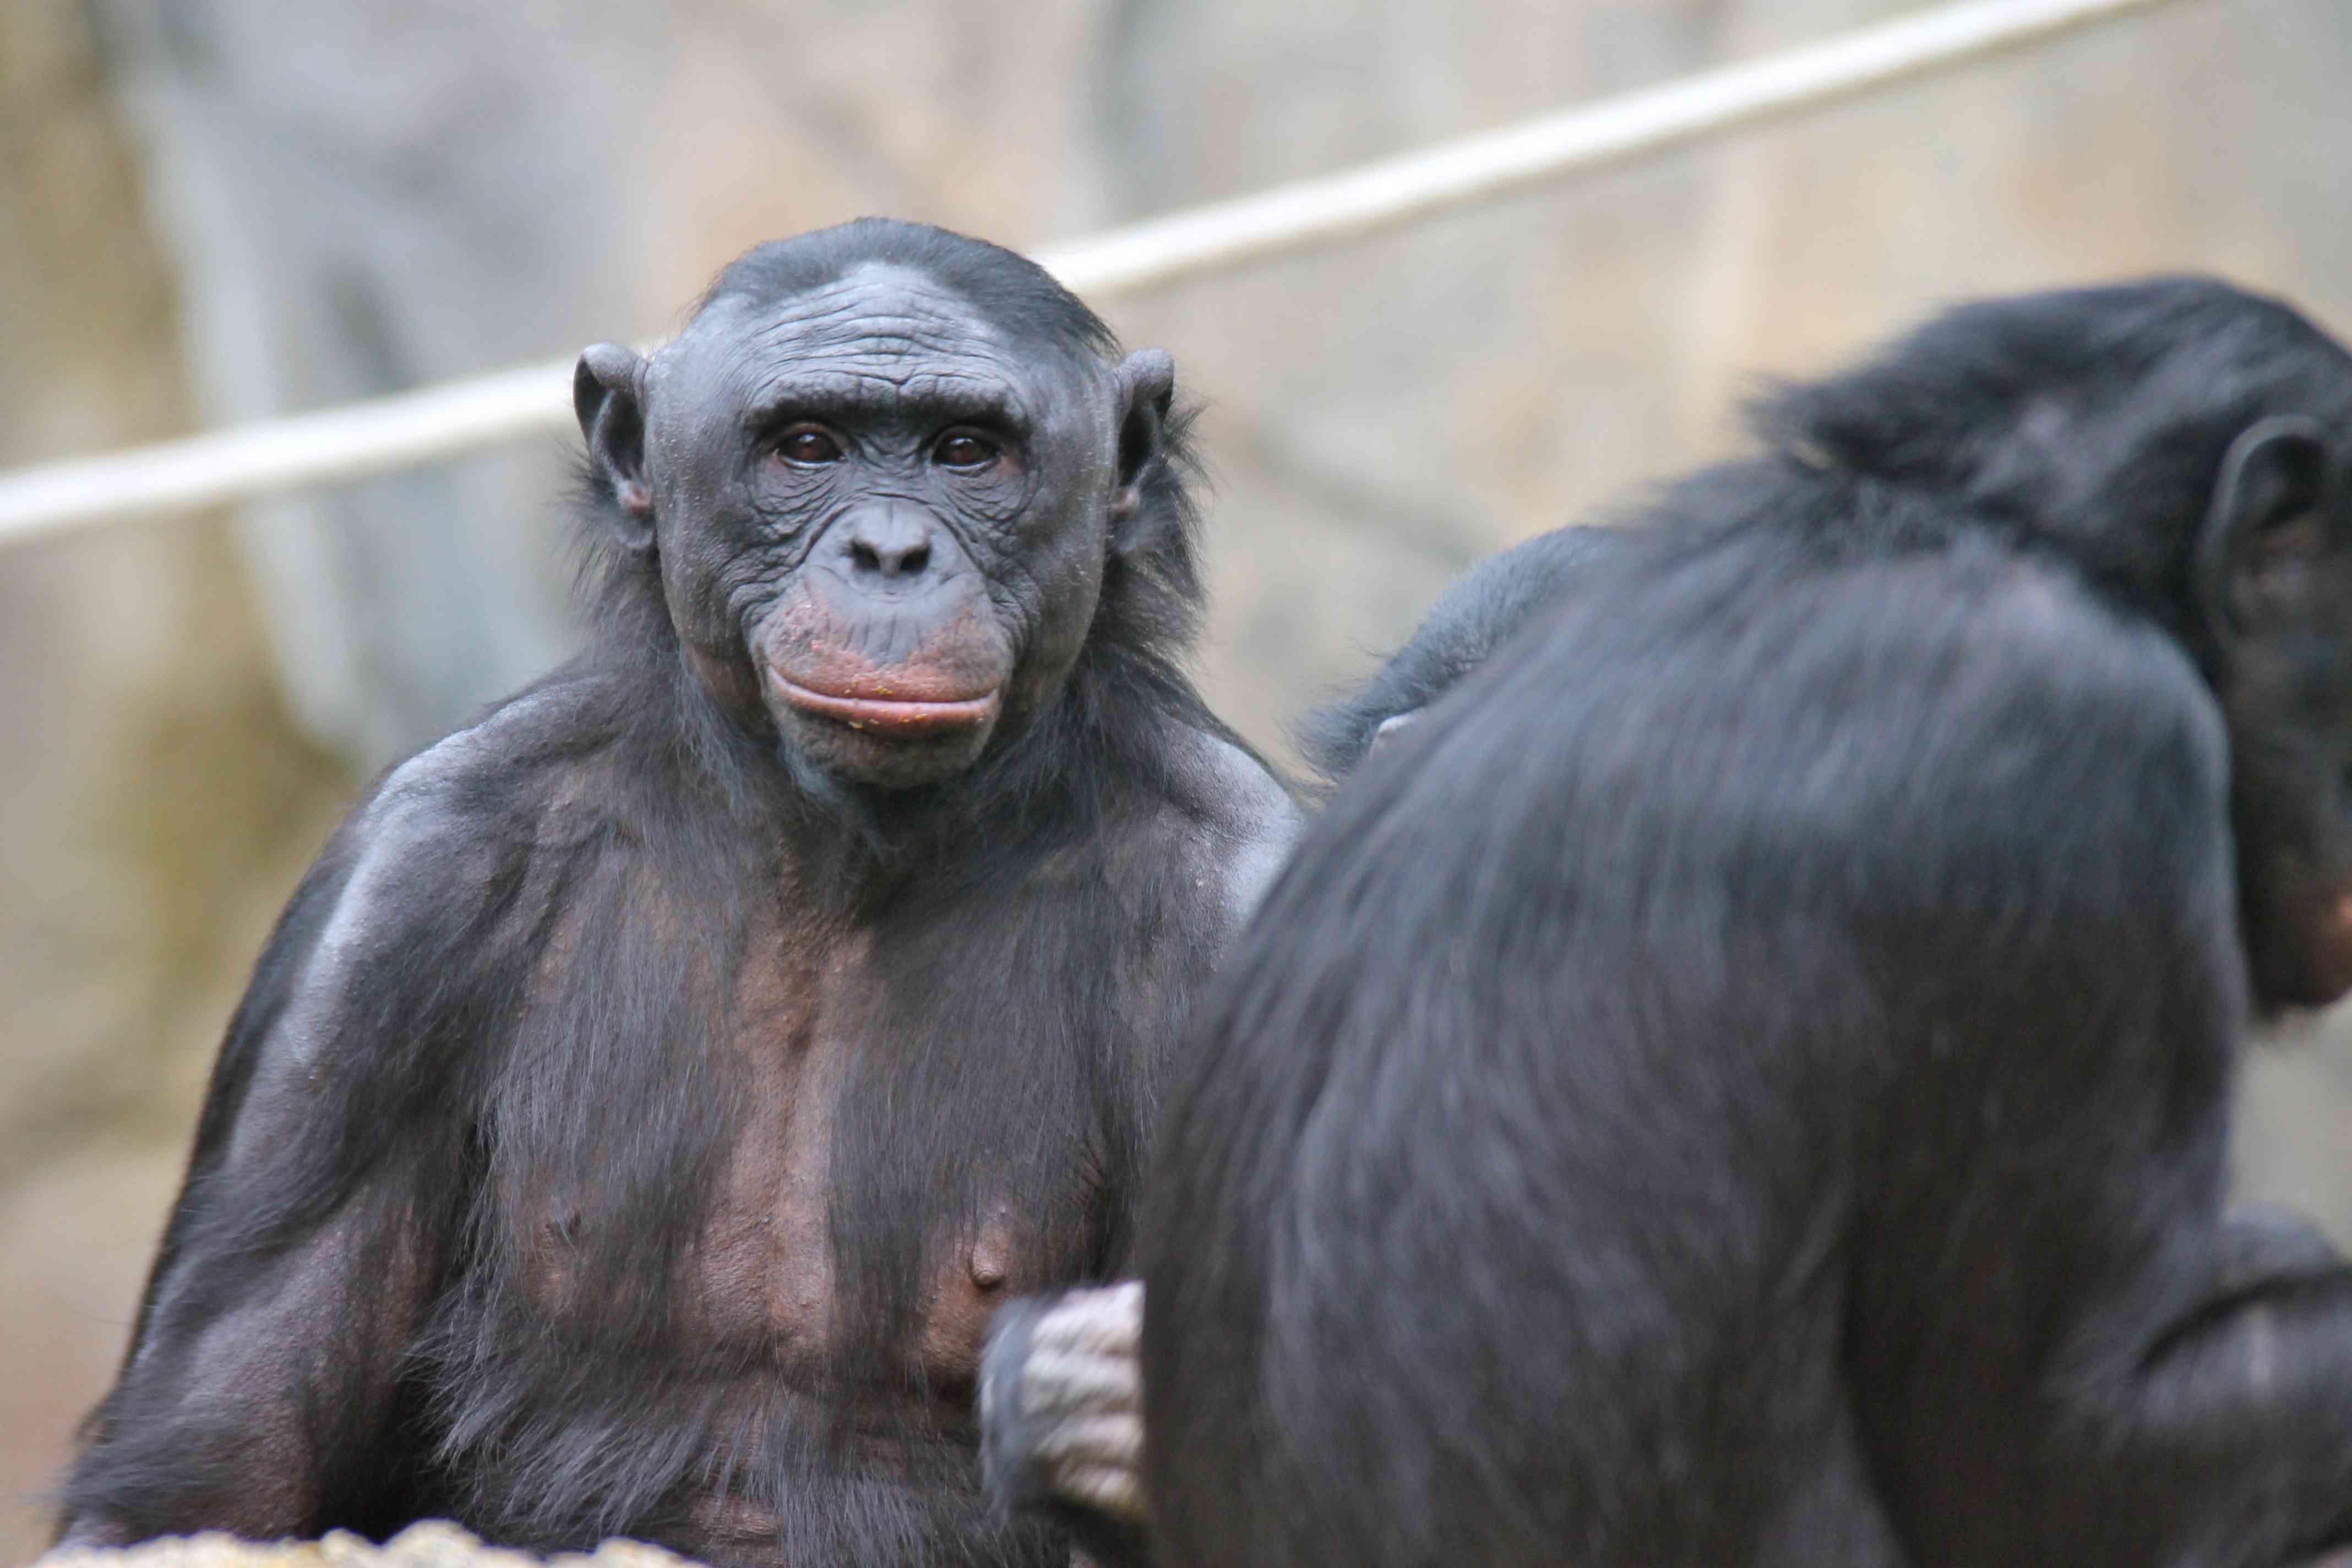 Two Bonobos